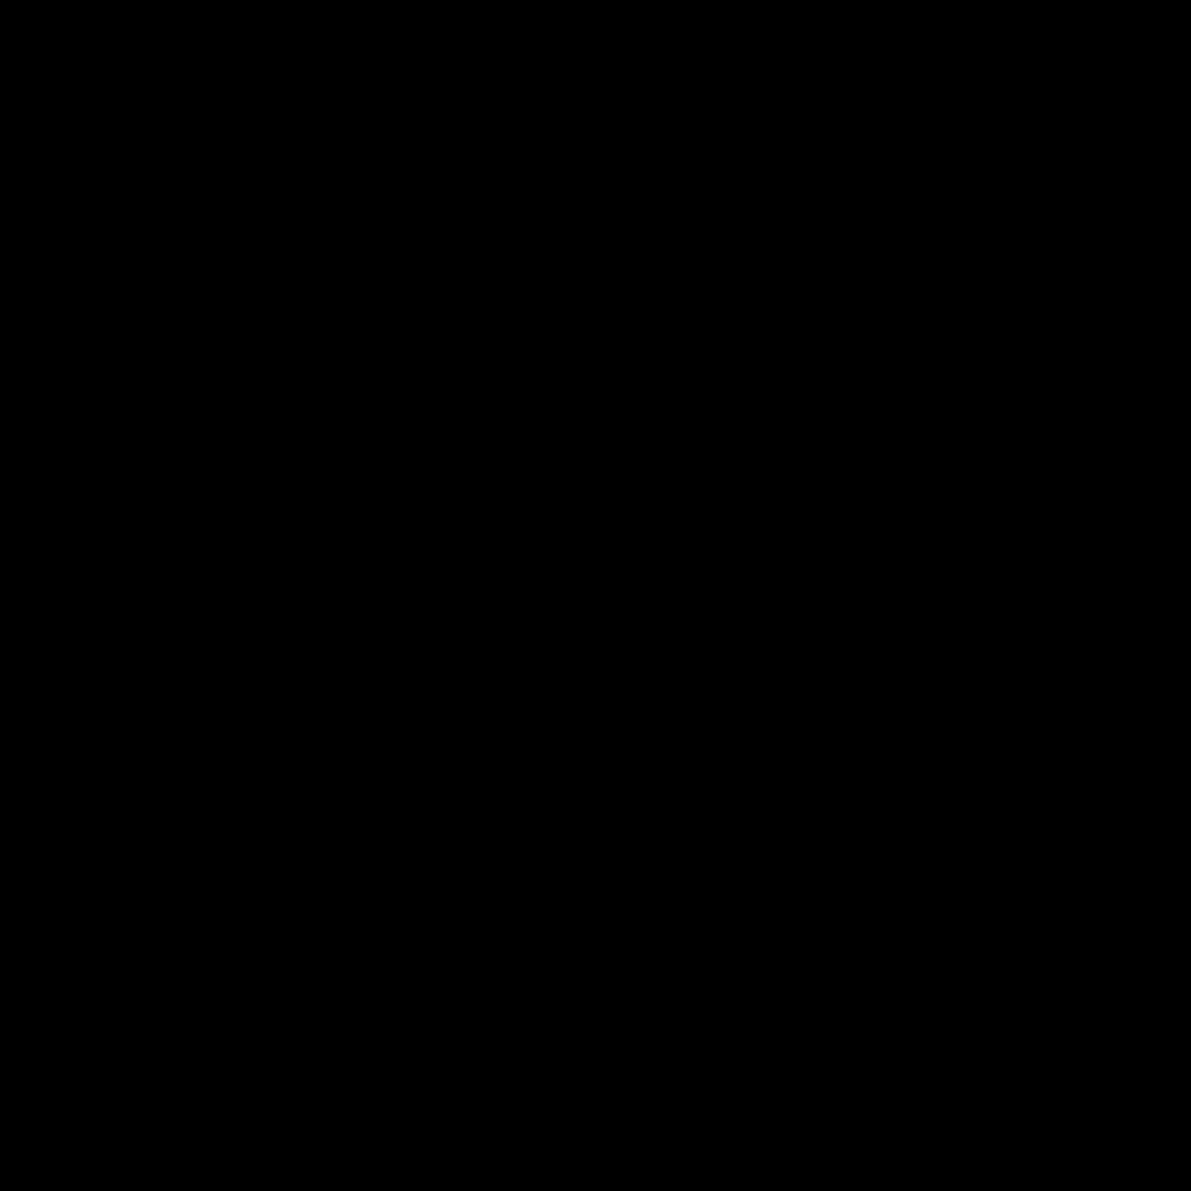 CASA IN RIVIERA 2